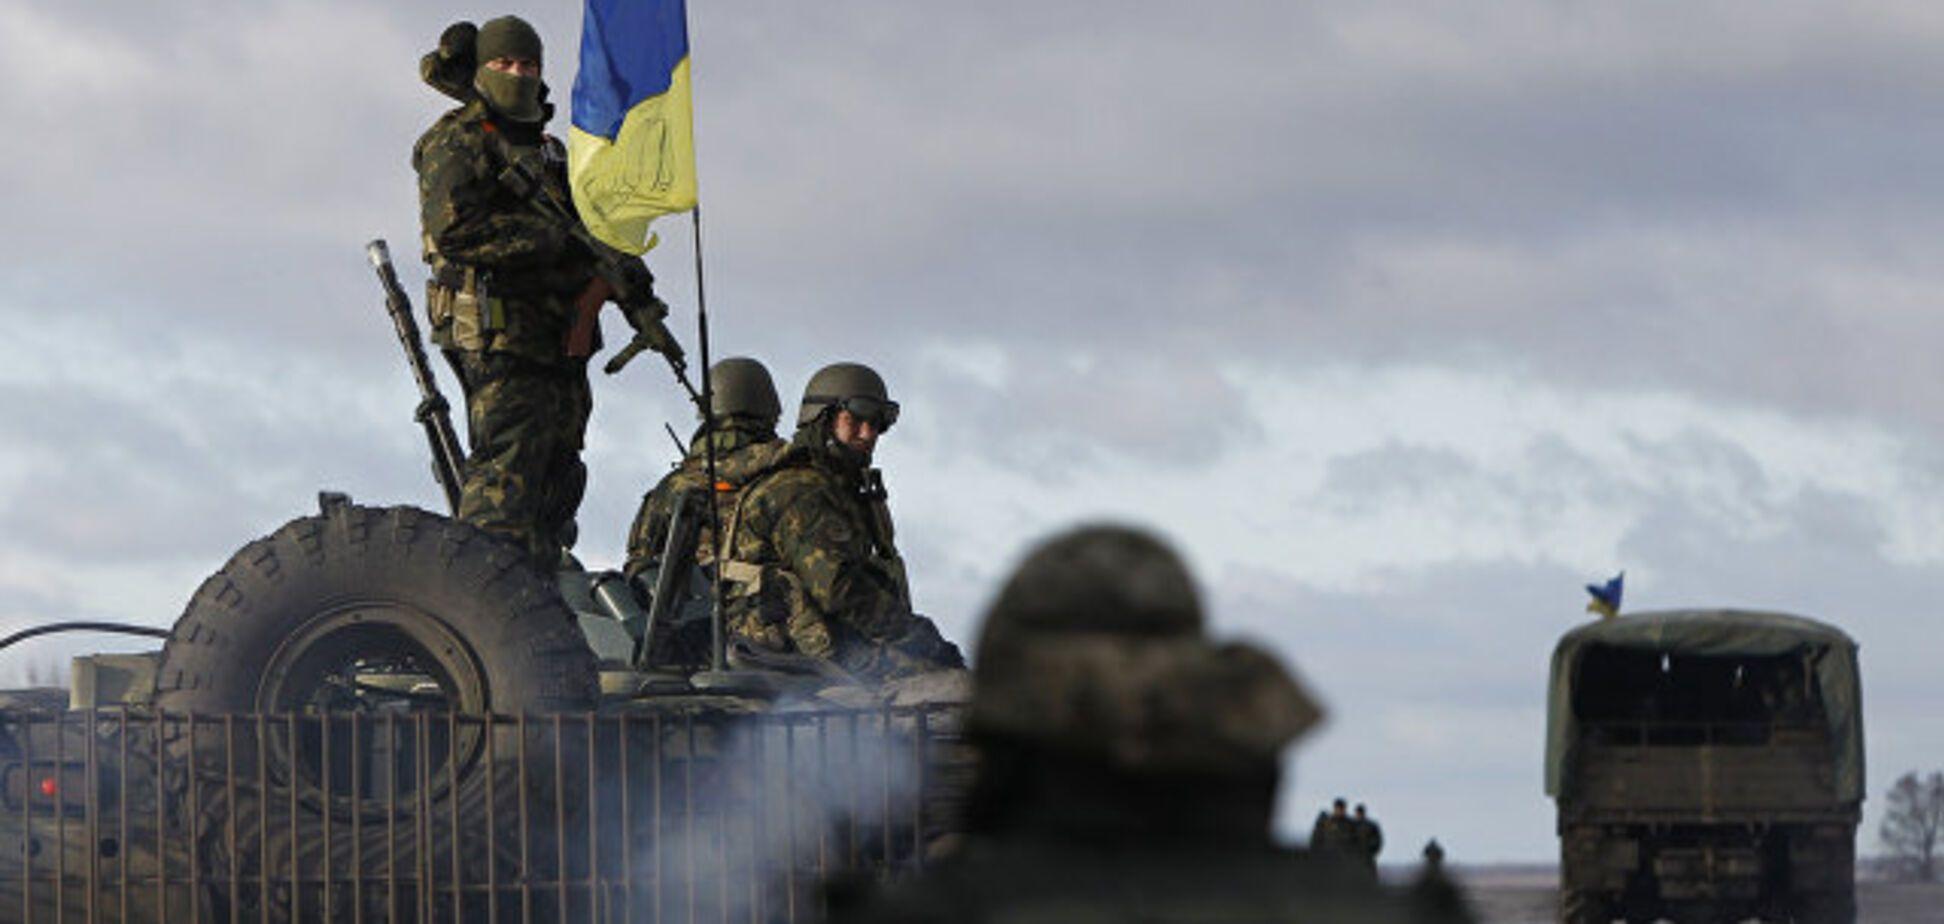 Час до Луганска: появилось наглядное свидетельство новых успехов сил АТО на Донбассе